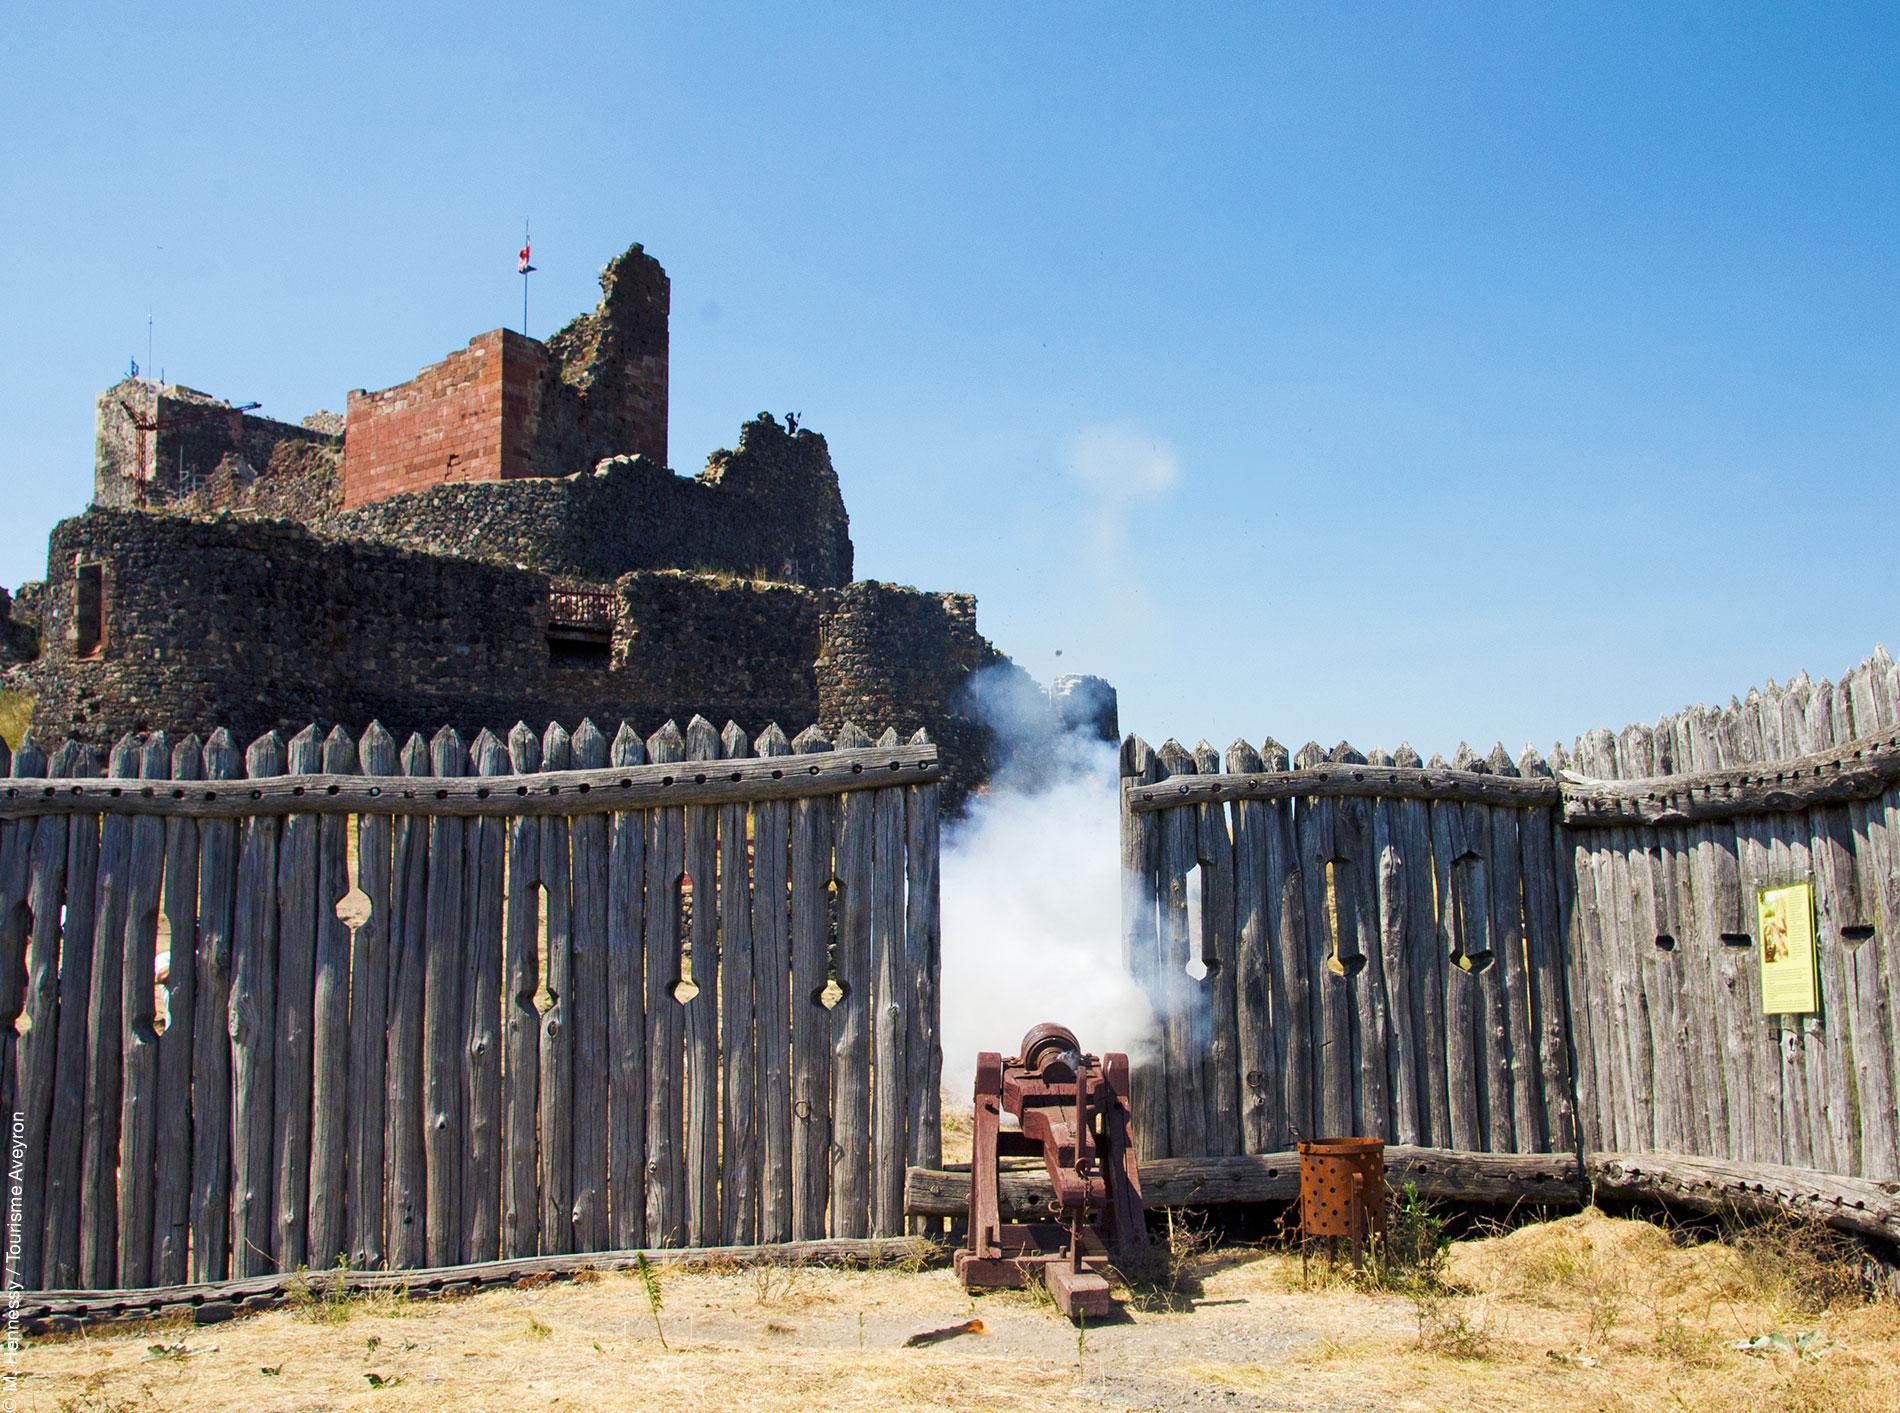 Château de Calmont d'Olt - tir du canon © M. Hennessy / Tourisme Aveyron